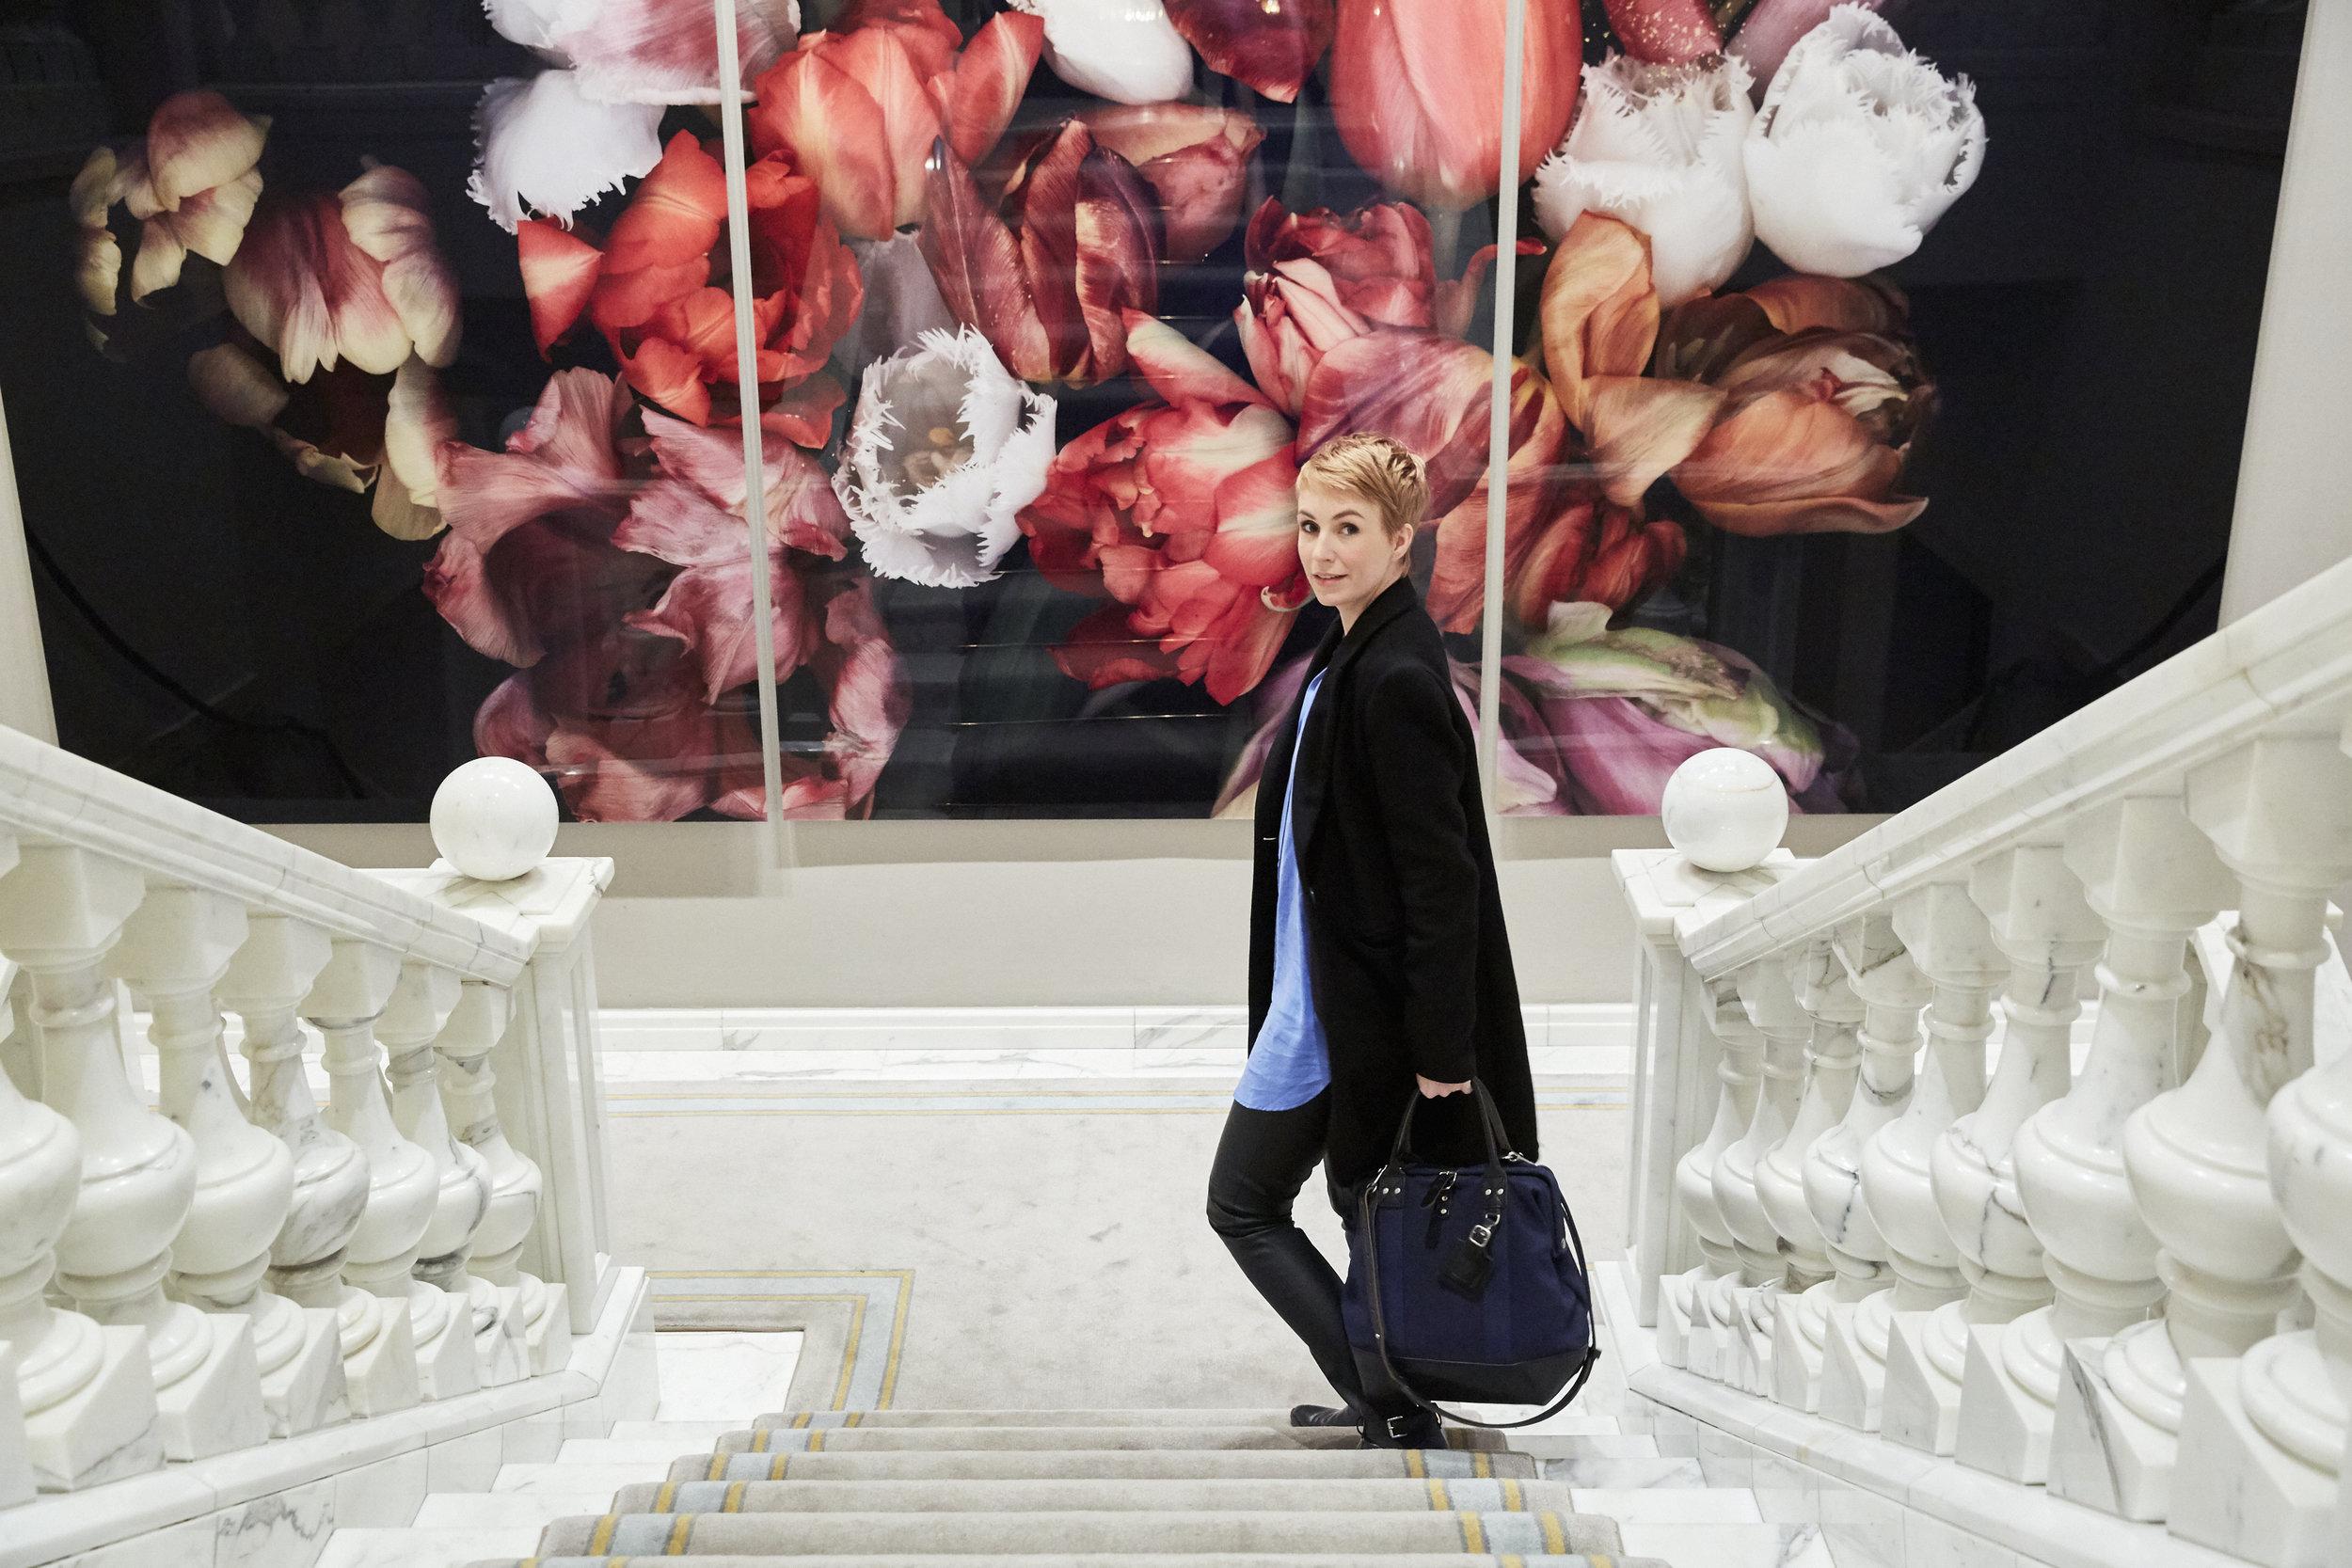 Viele Promis, Schauspieler und Blogger steigen während der Fashion Week im Hotel Adlon Kempinski in Berlin ab. Das neue Interior Design und das freundliche Personal lässt einen aber auch sofort wohlfühlen. Hier möchte man am liebsten einziehen.